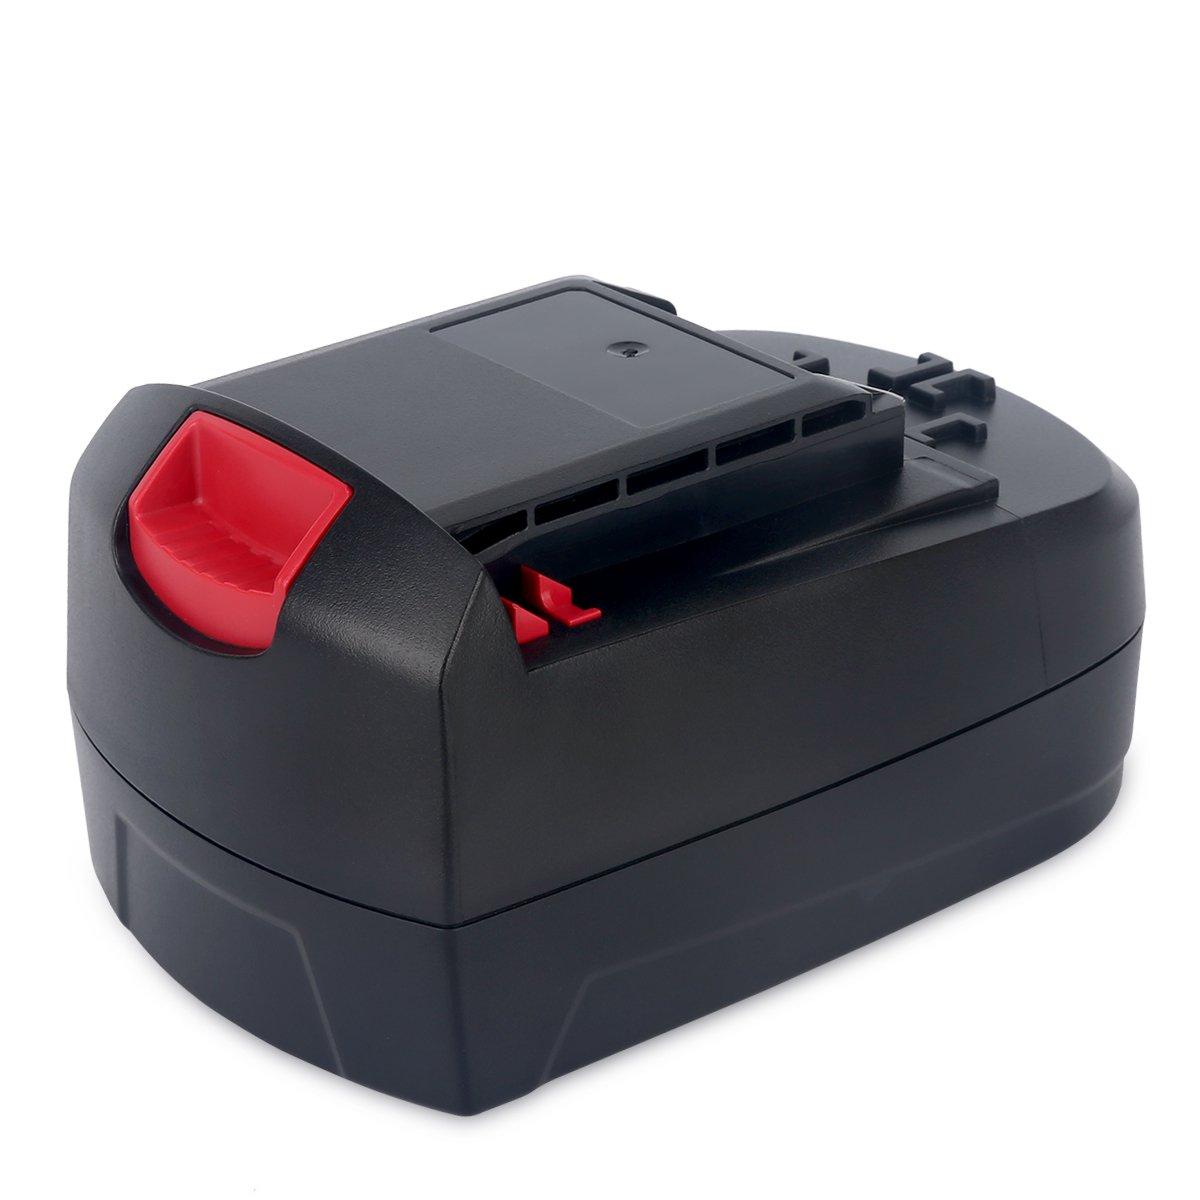 Biswaye 18-Volt Battery SB18C SB18A SB18B for 18-Volt Skil Ni-Cd Cordless Tools 2810 2888 2895 2897 2898 4570 5850 5995 7305 9350, 3000mAh